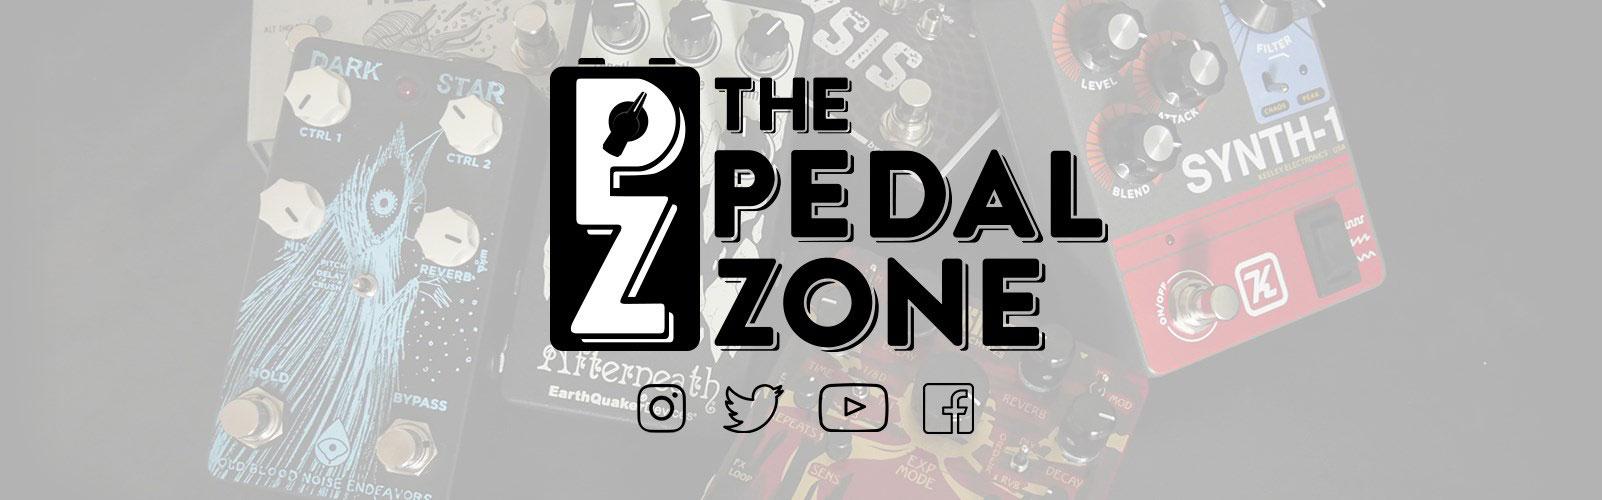 ThePedalZone.com